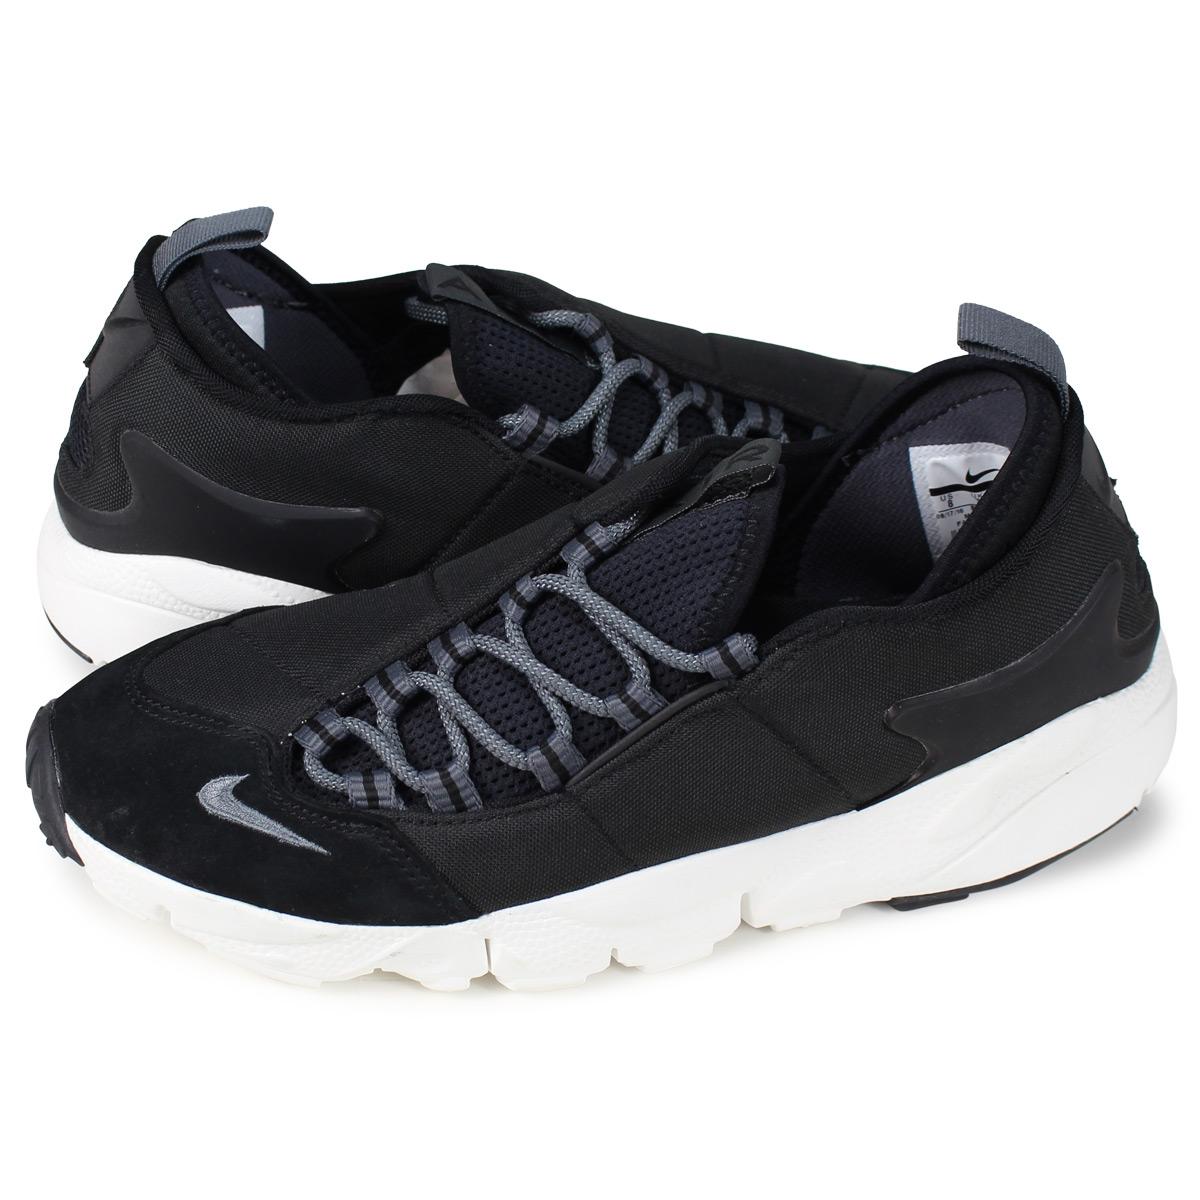 0fb27c3709 Whats up Sports: Nike NIKE air feet cape sneakers men gap Dis AIR ...